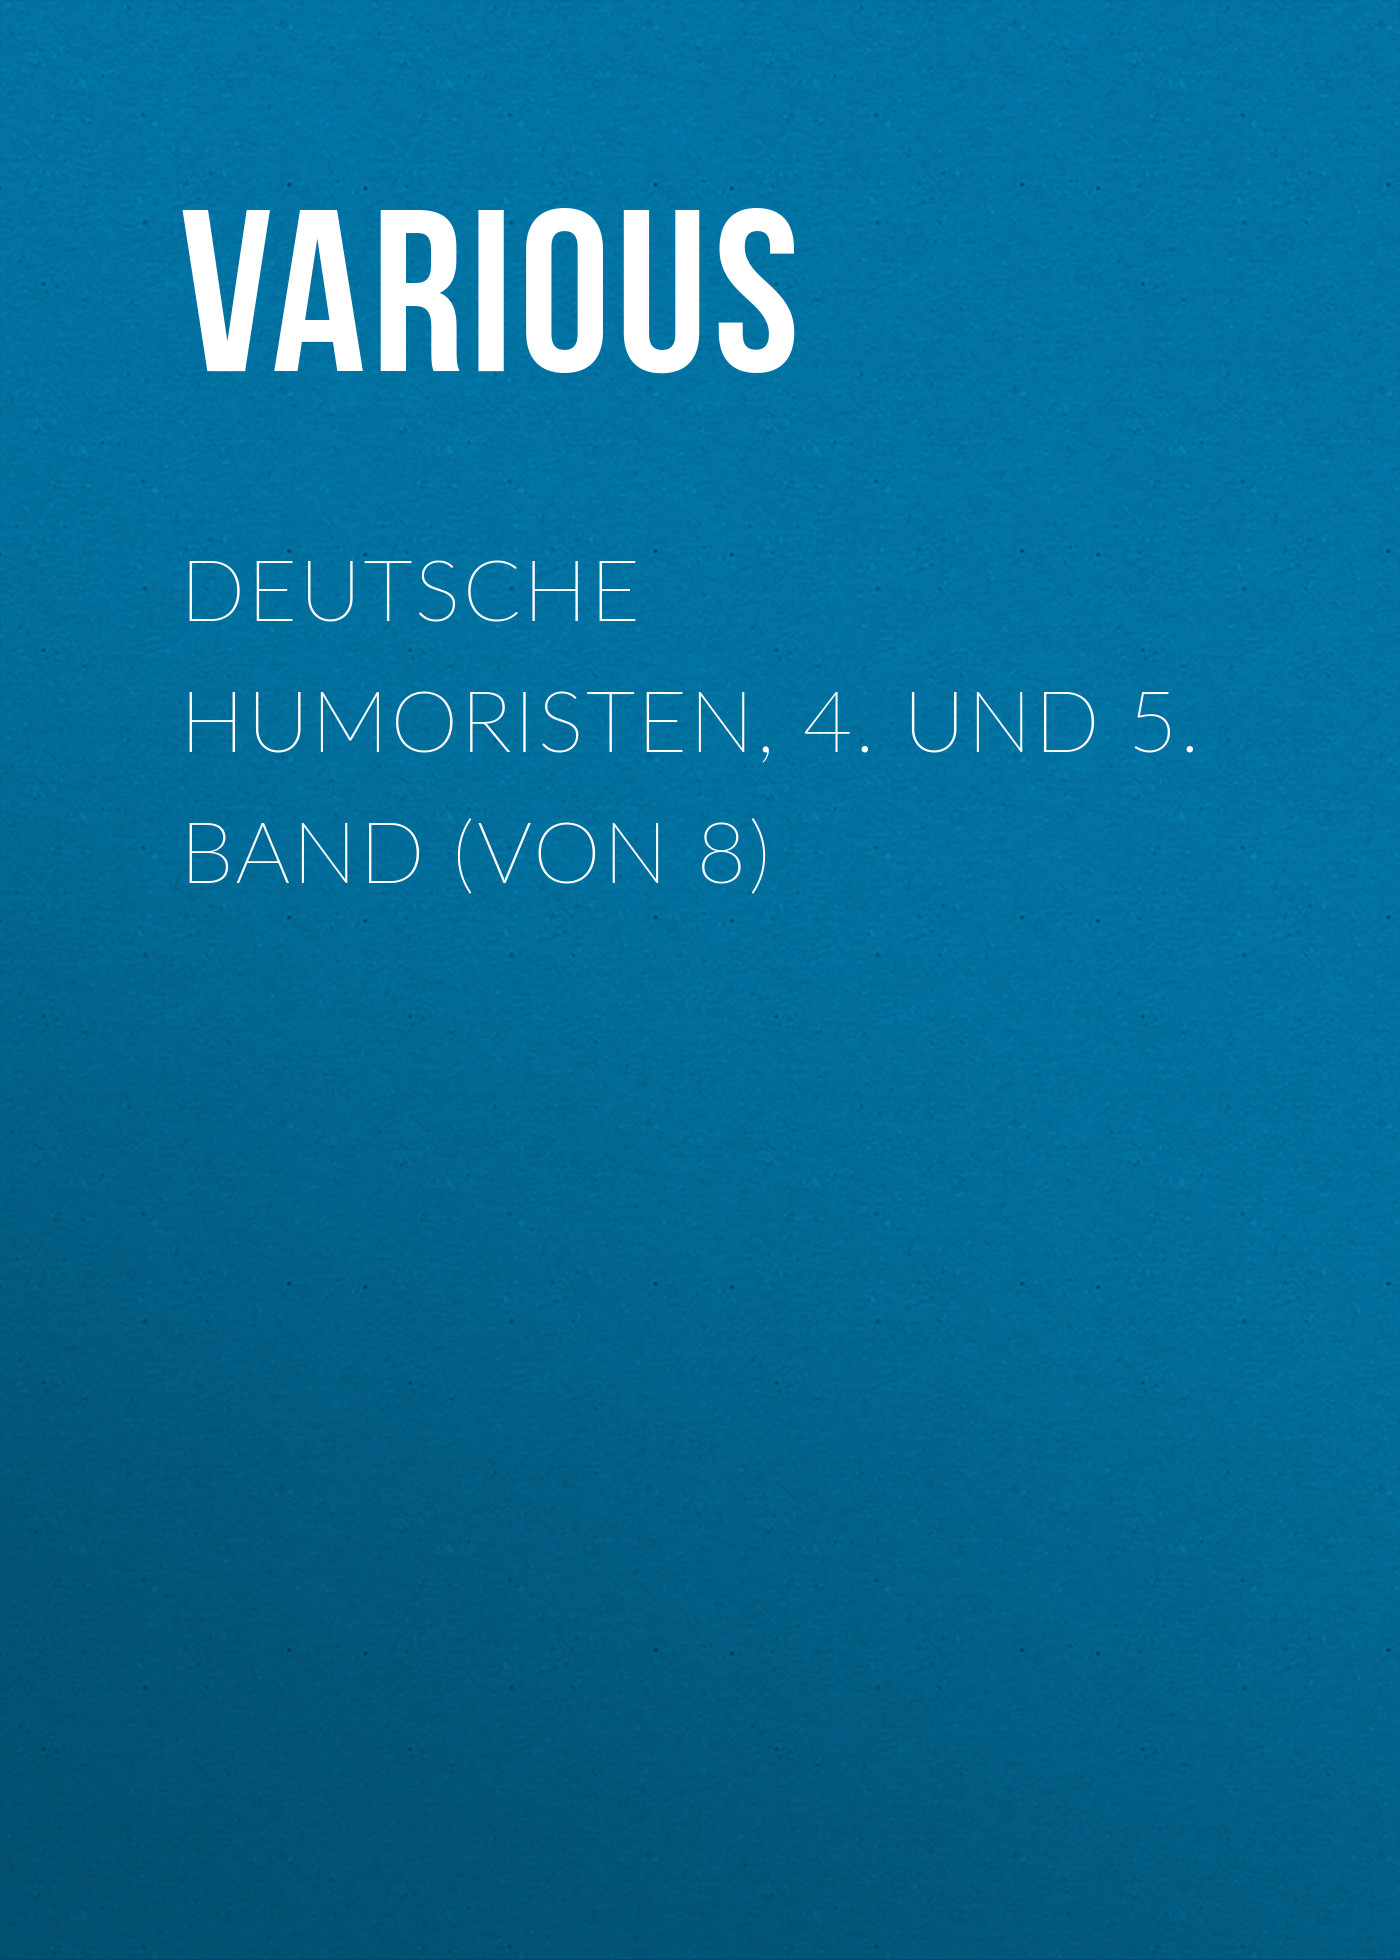 Various Deutsche Humoristen, 4. und 5. Band (von 8)